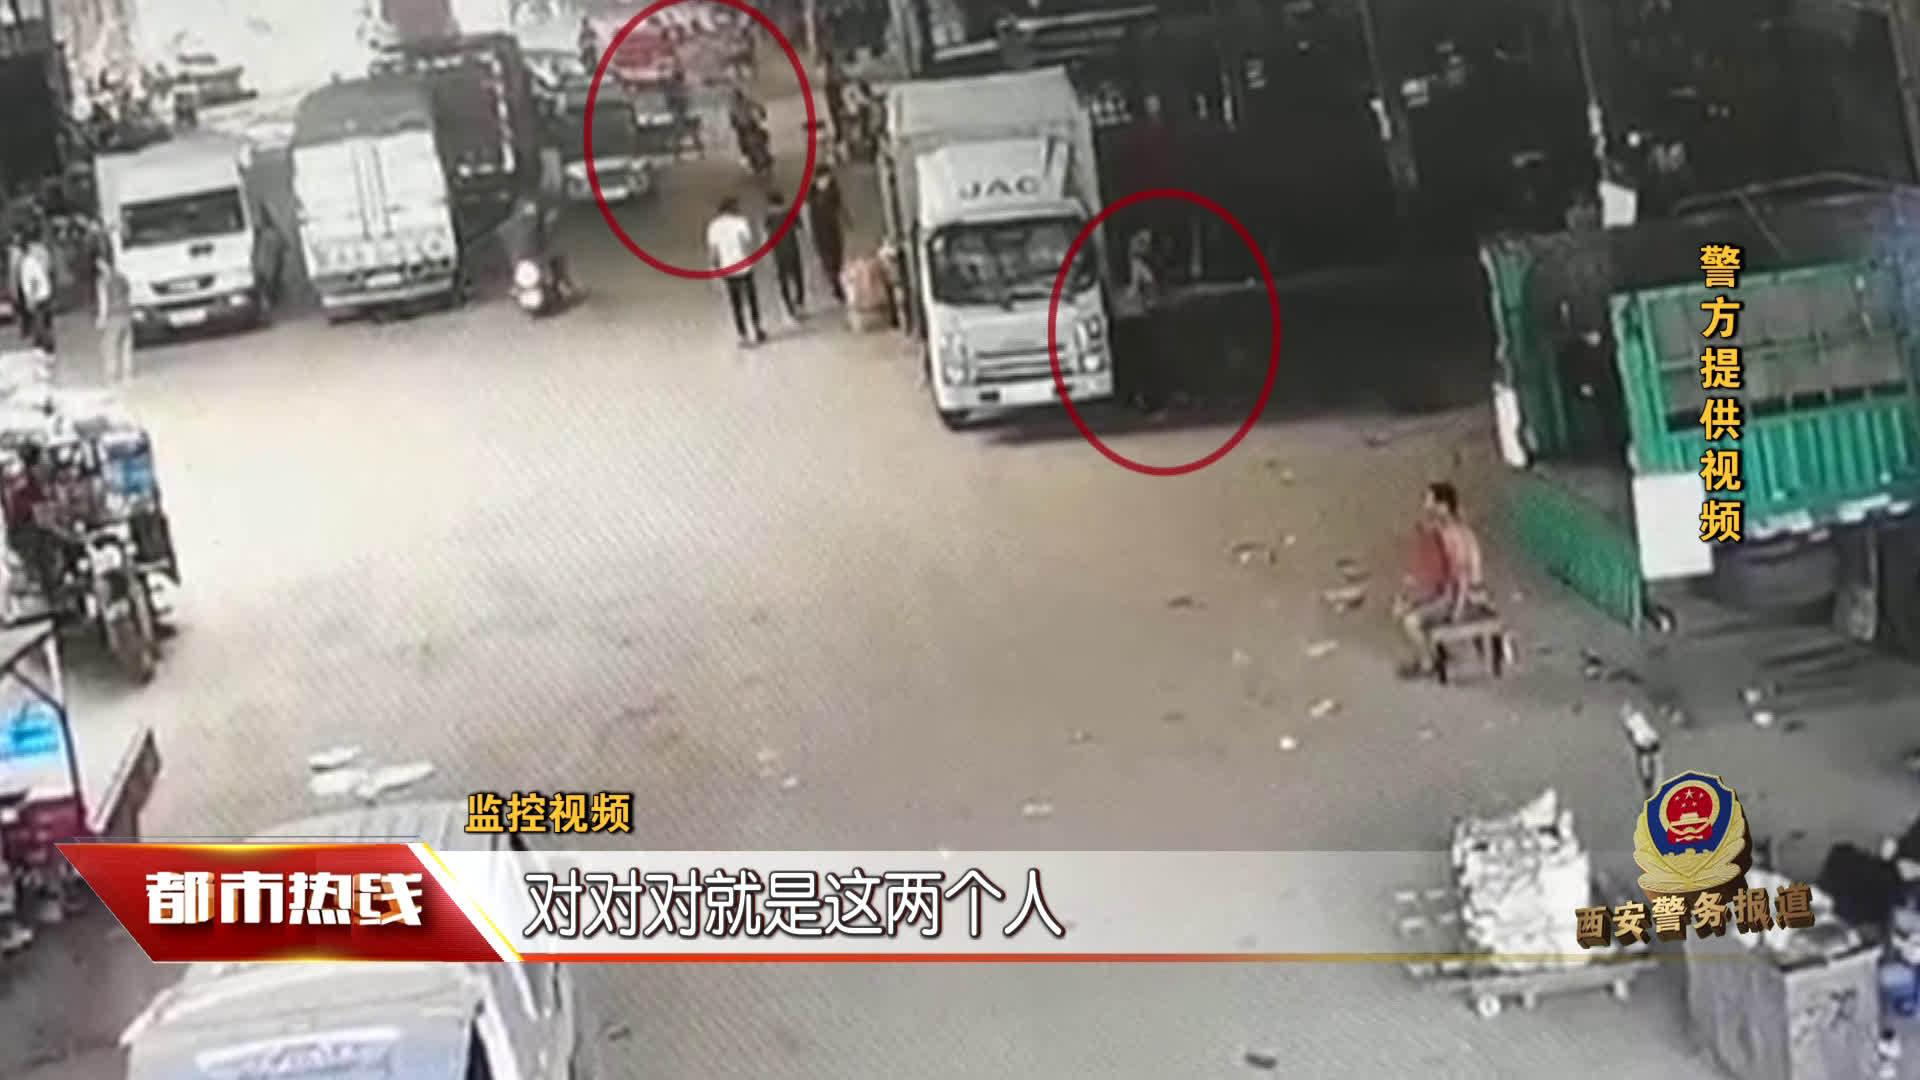 两男子欣桥市场猖狂盗窃手机 所骑摩托车成破案关键